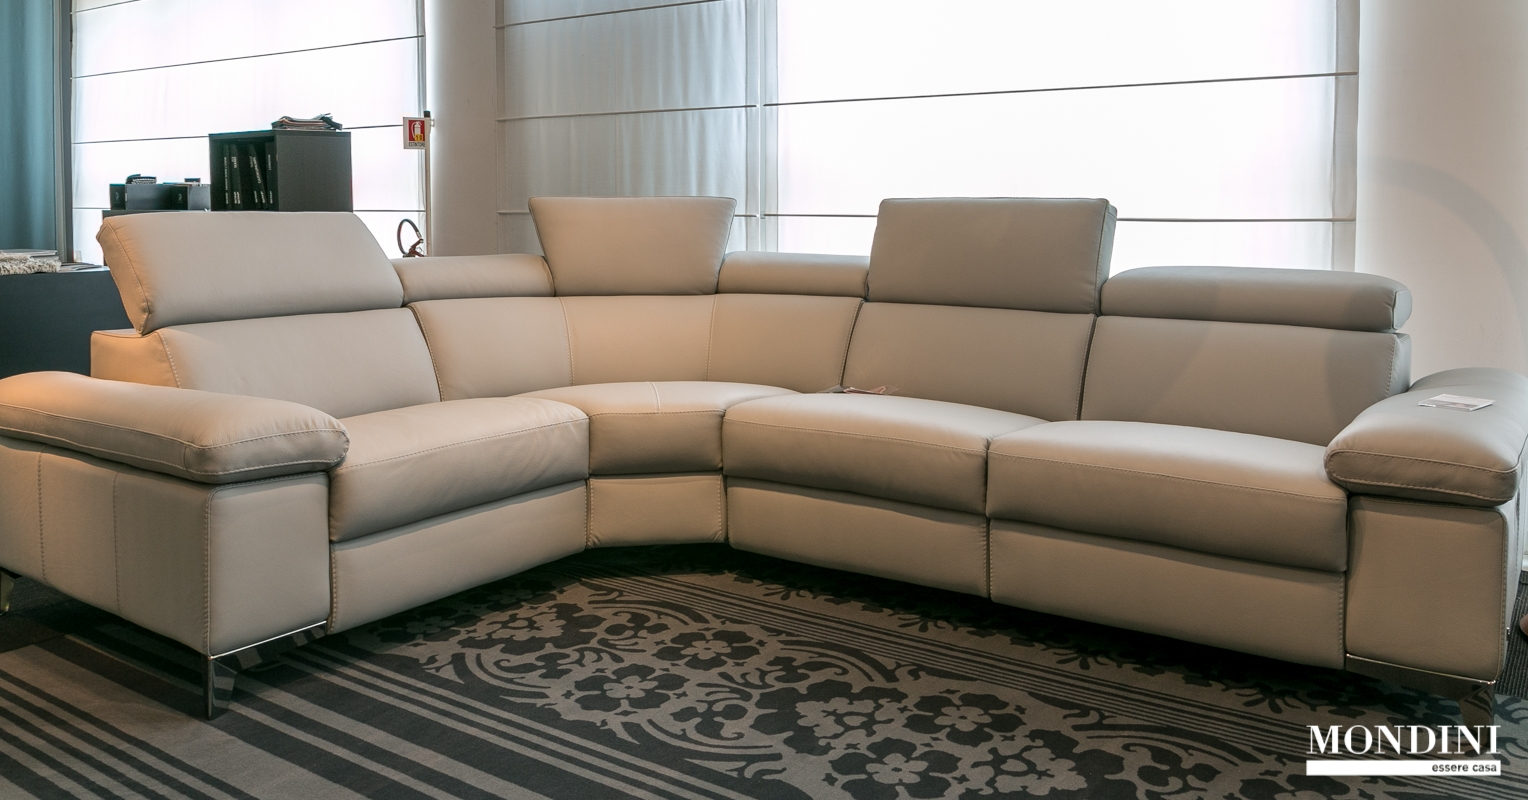 Divano ad angolo con meccanismo relax nicoletti modello for Rivestire divano ad angolo